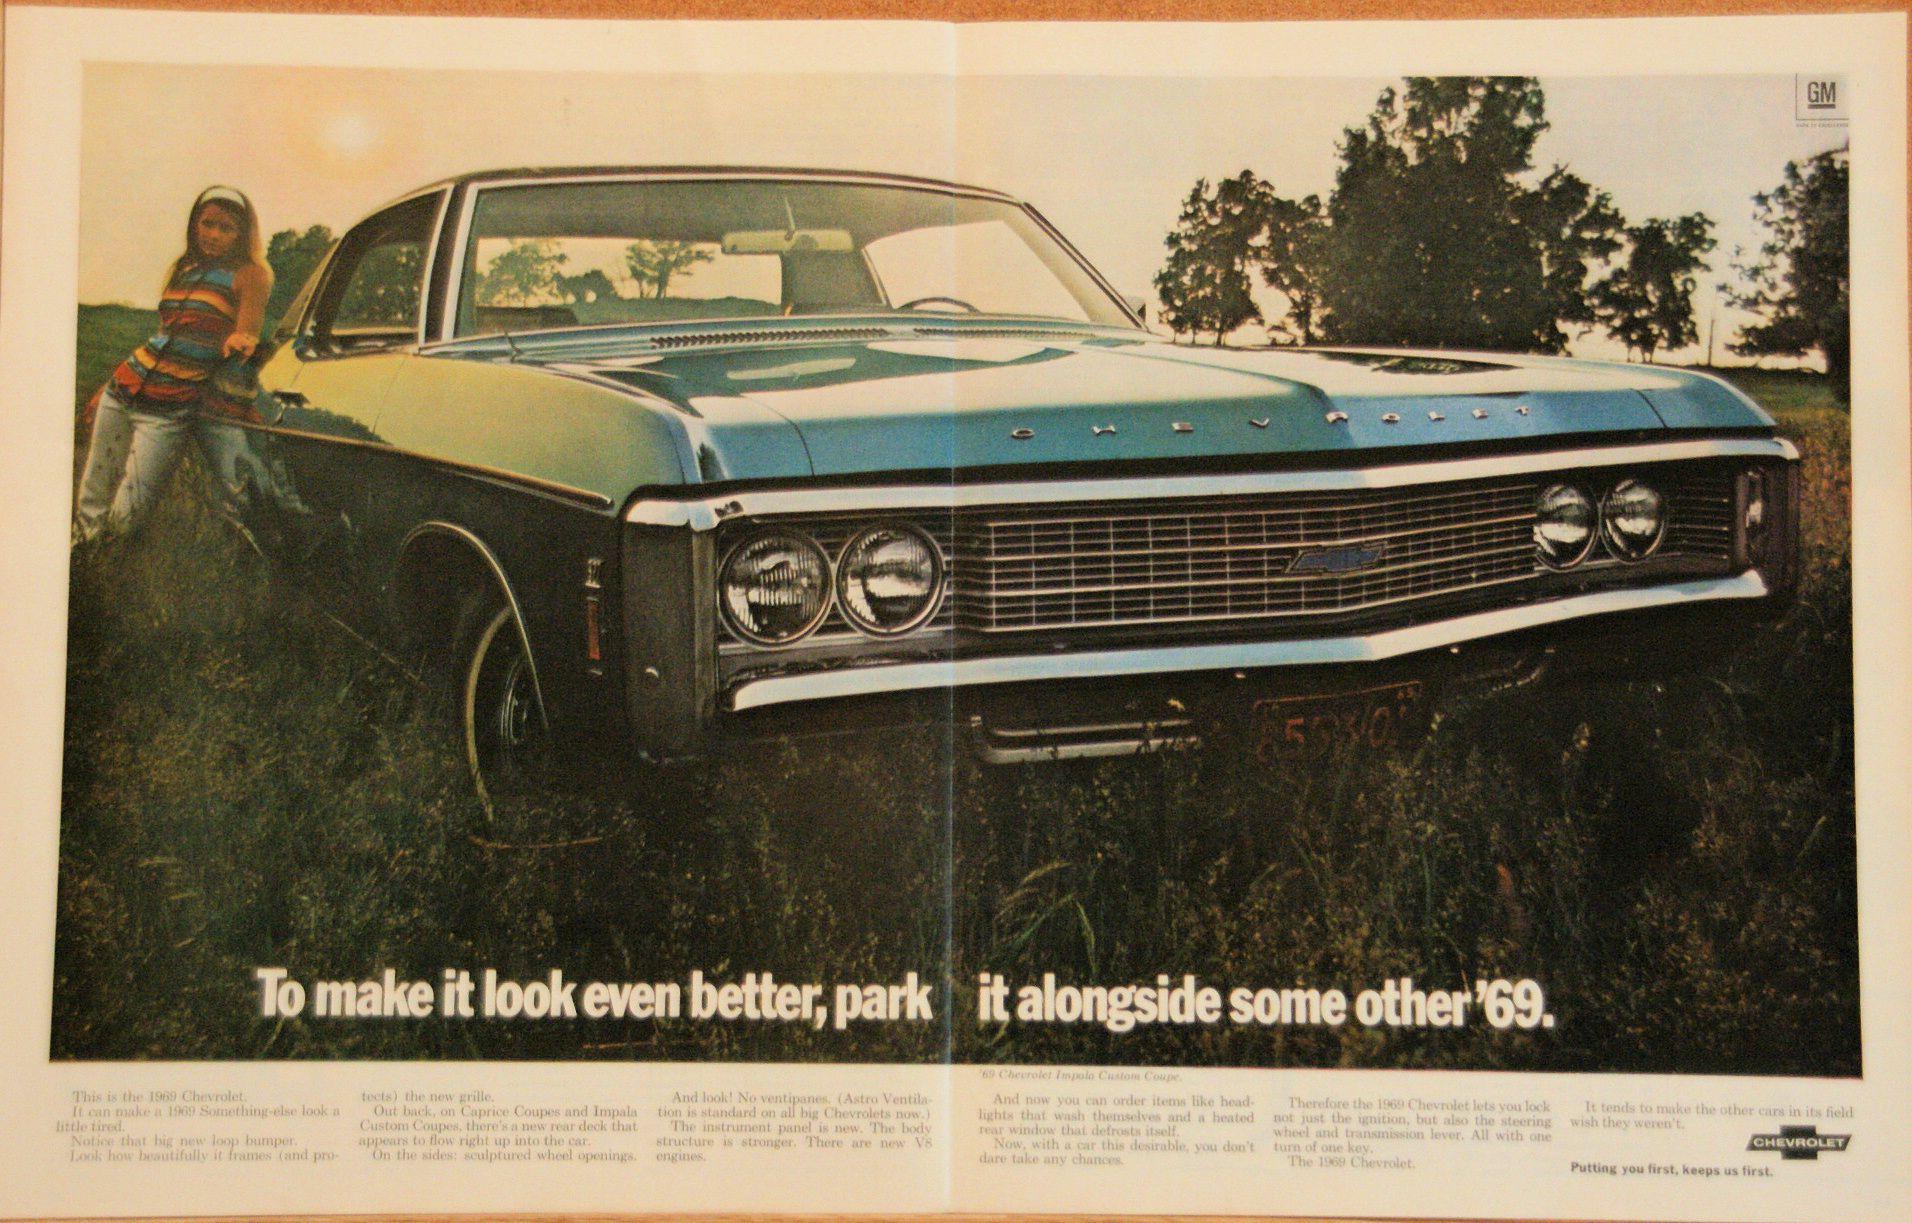 1977 CHEVROLET CHEVY MONTE CARLO Sport Car Vintage Look REPLICA METAL SIGN